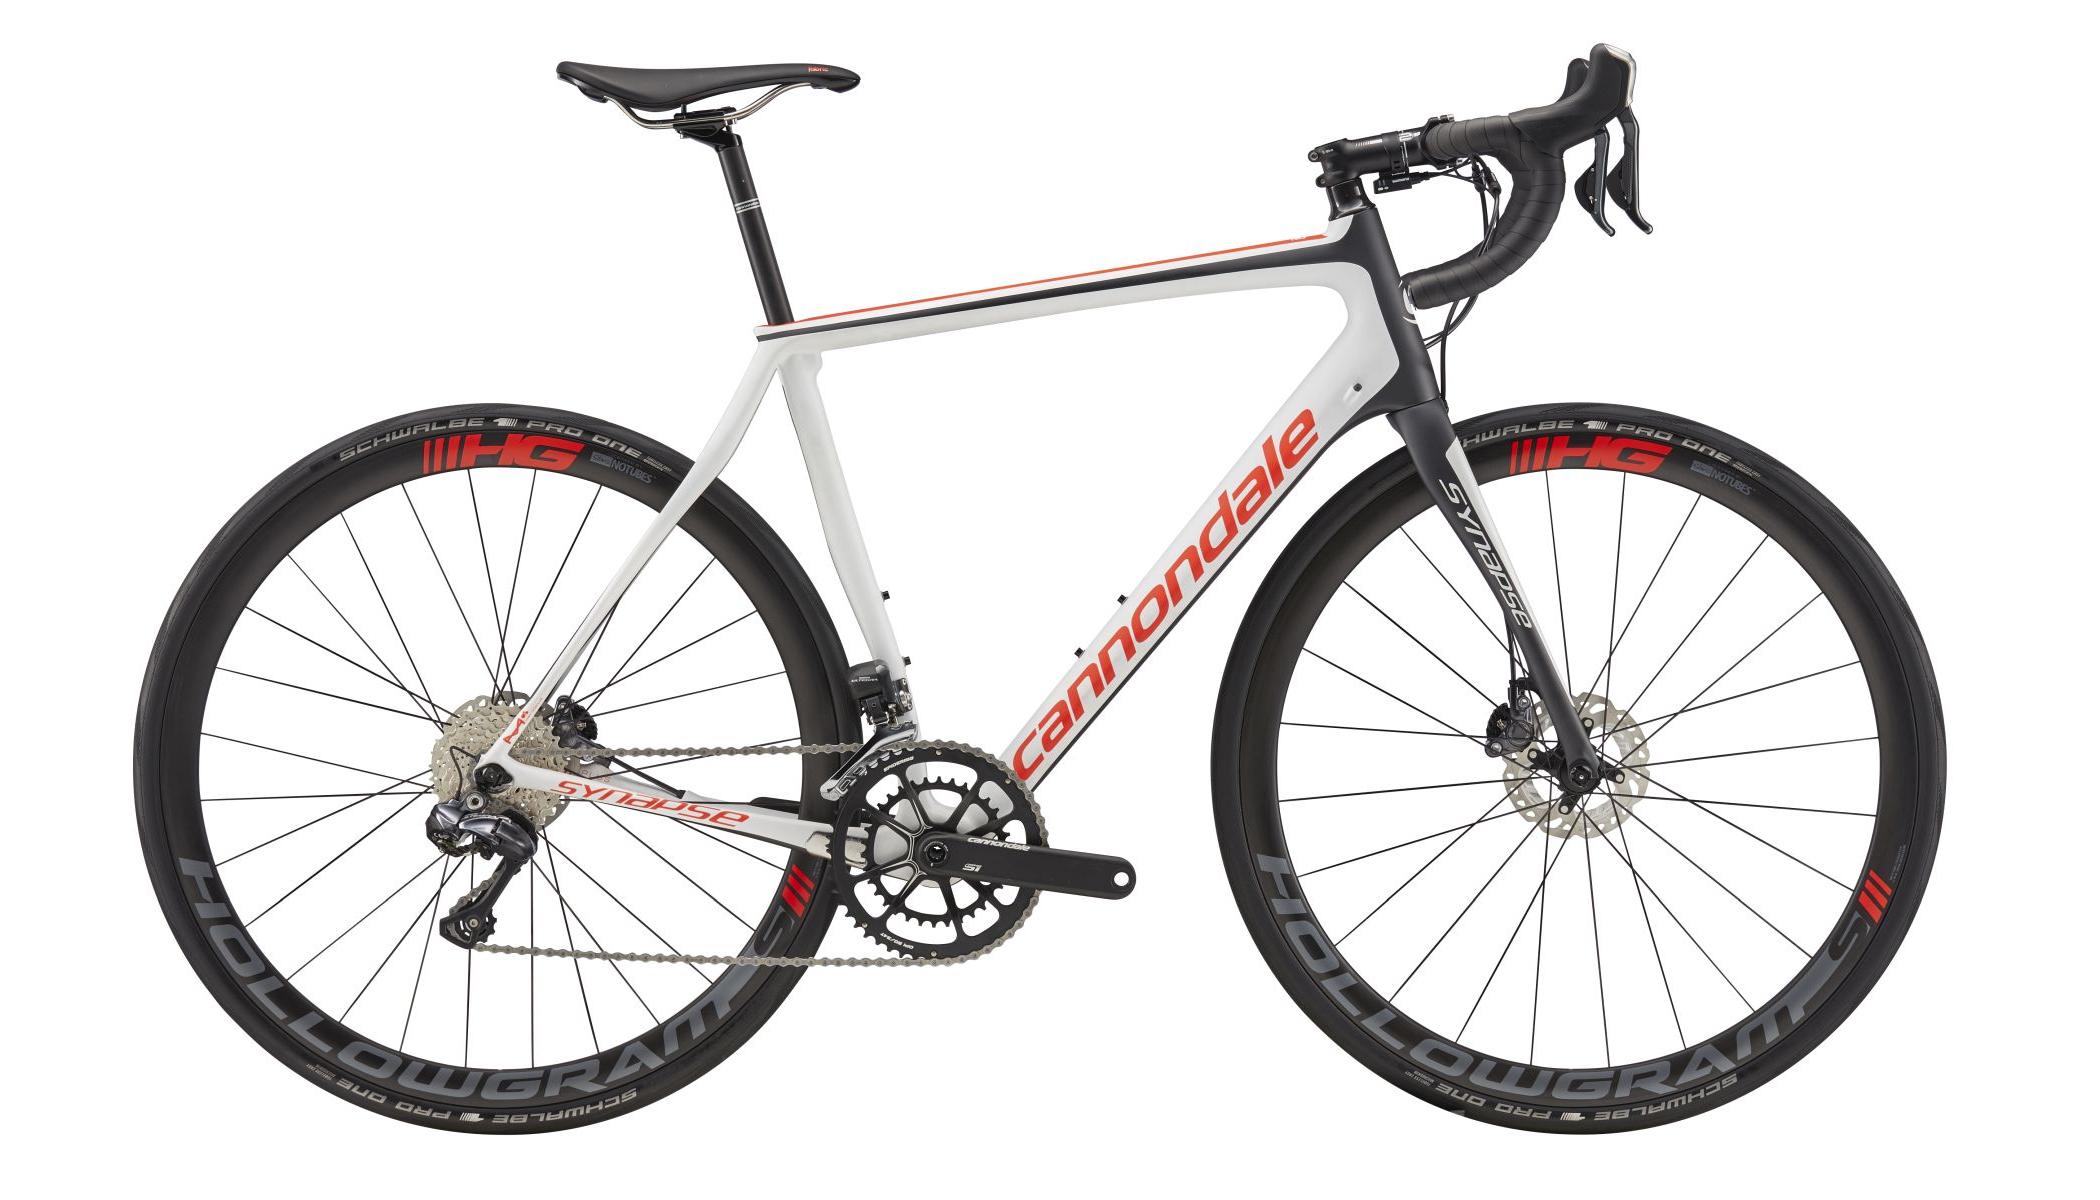 1d7316398e8 Cannondale Synapse Hi-Mod Disc Ultegra Di2 Road Bike 2017 Cashmere/Red  £4,699.99